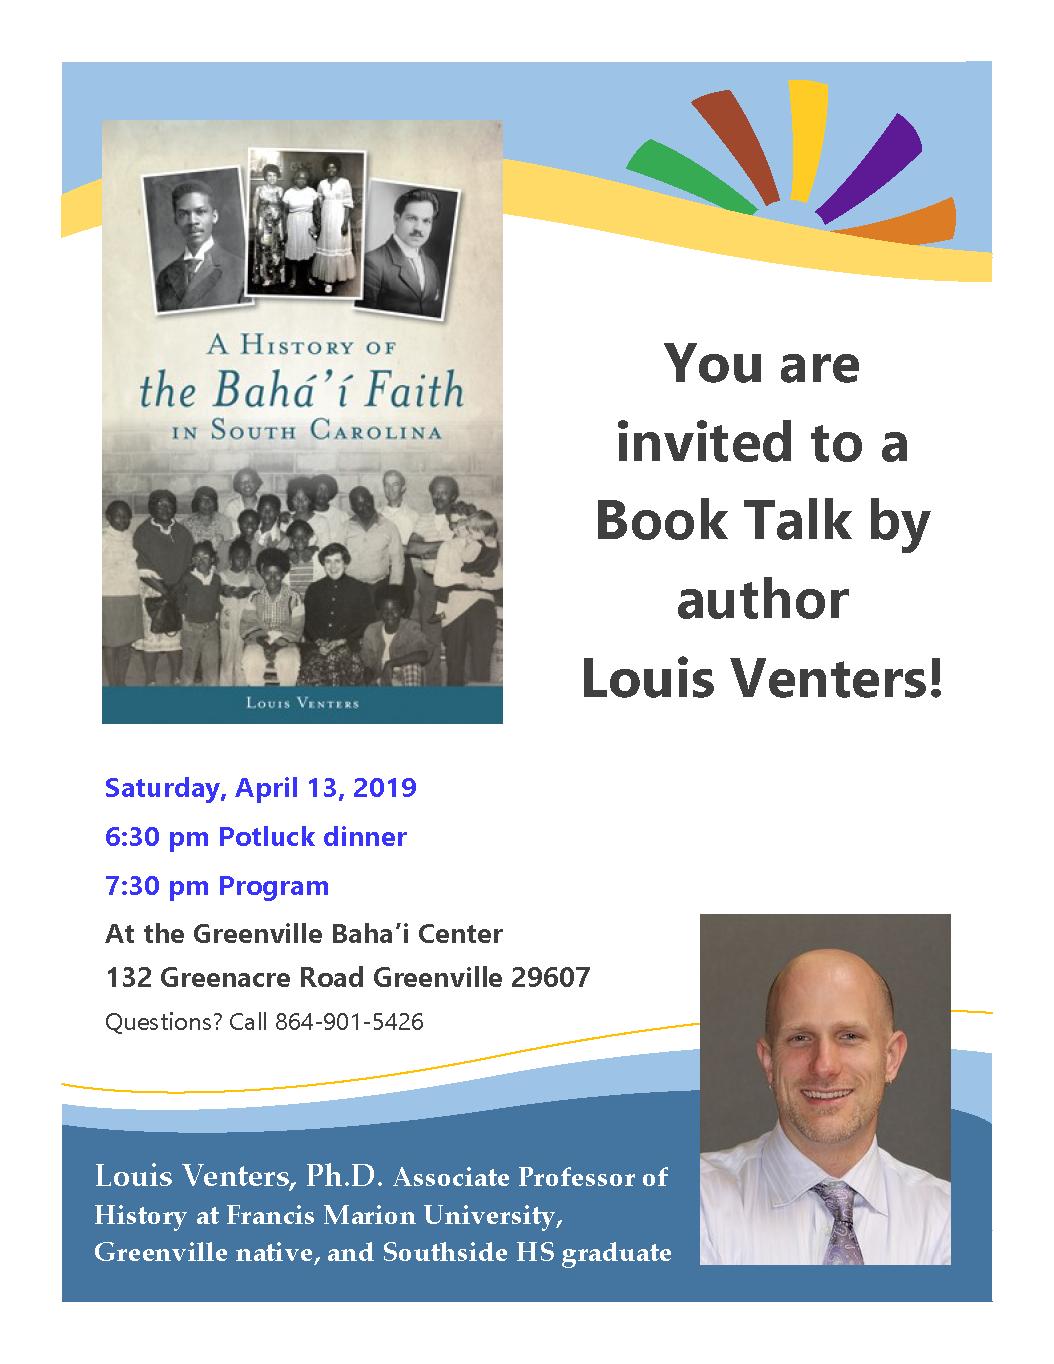 """""""A History of the Baha'i Faith in SC"""" Author Talkand Potluck Dinner @ Greenville Baha'i Center"""